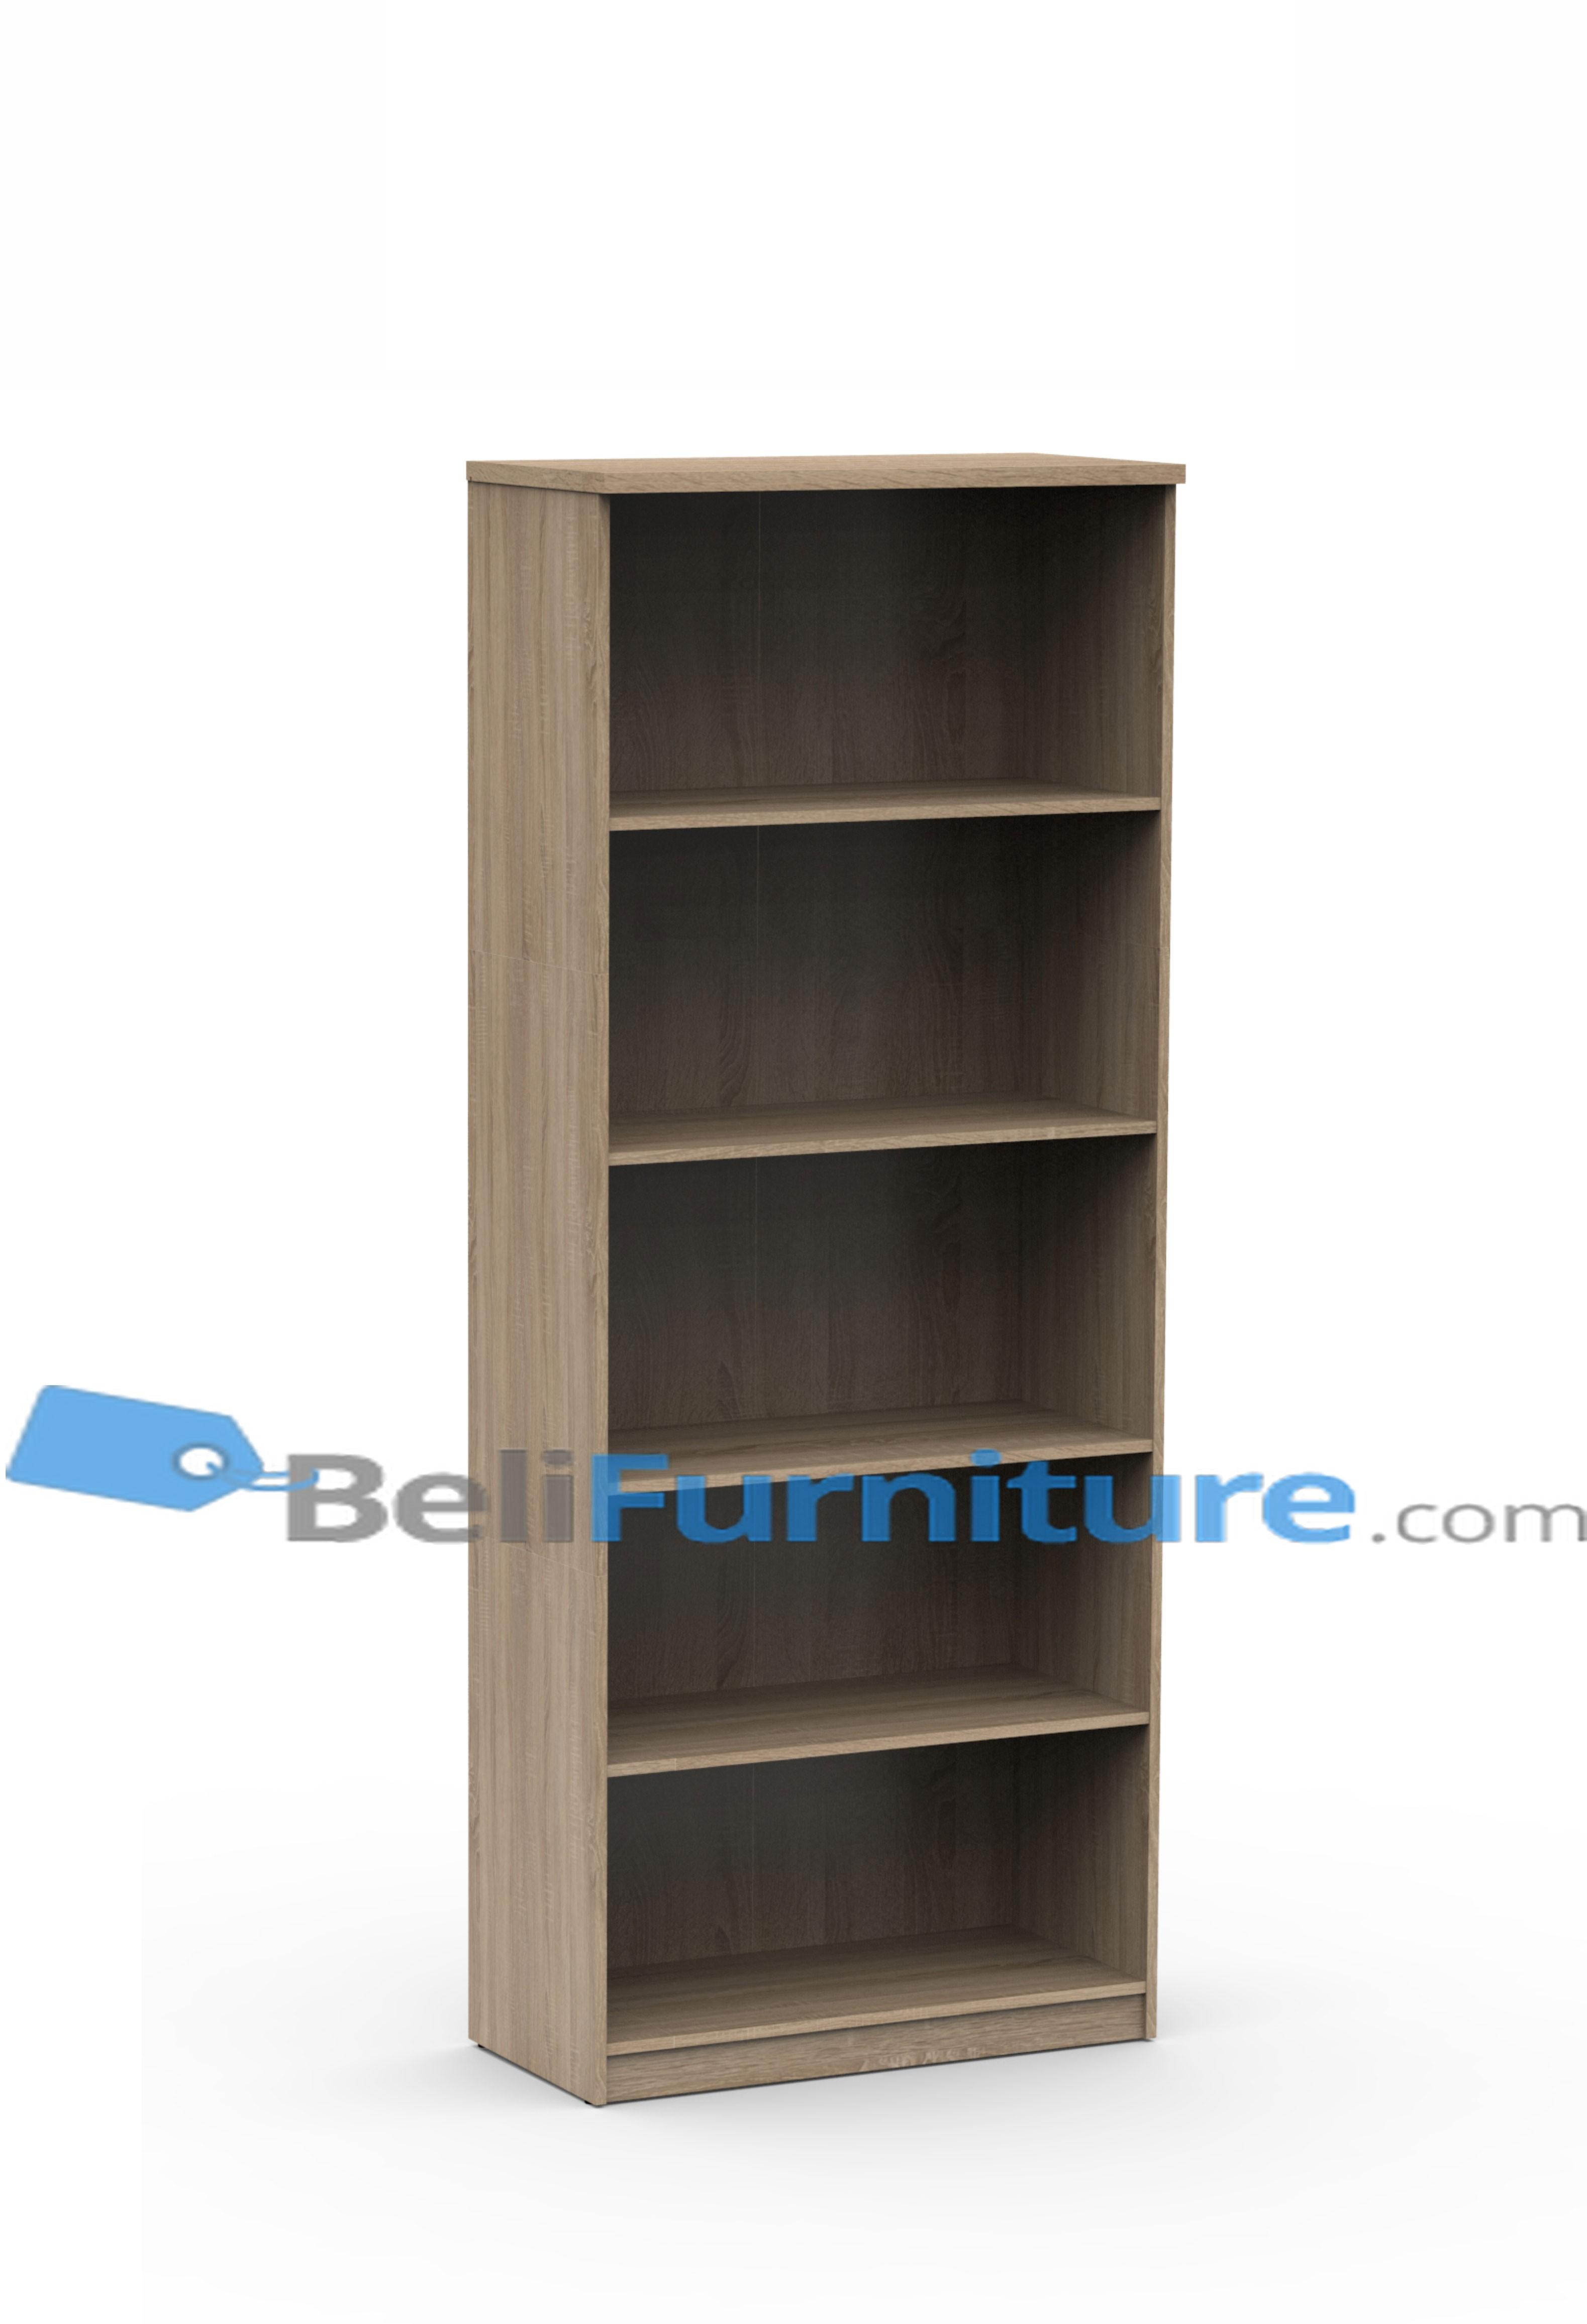 Lemari Arsip Grand Furniture Ga Ahc 1 Belifurniture Com